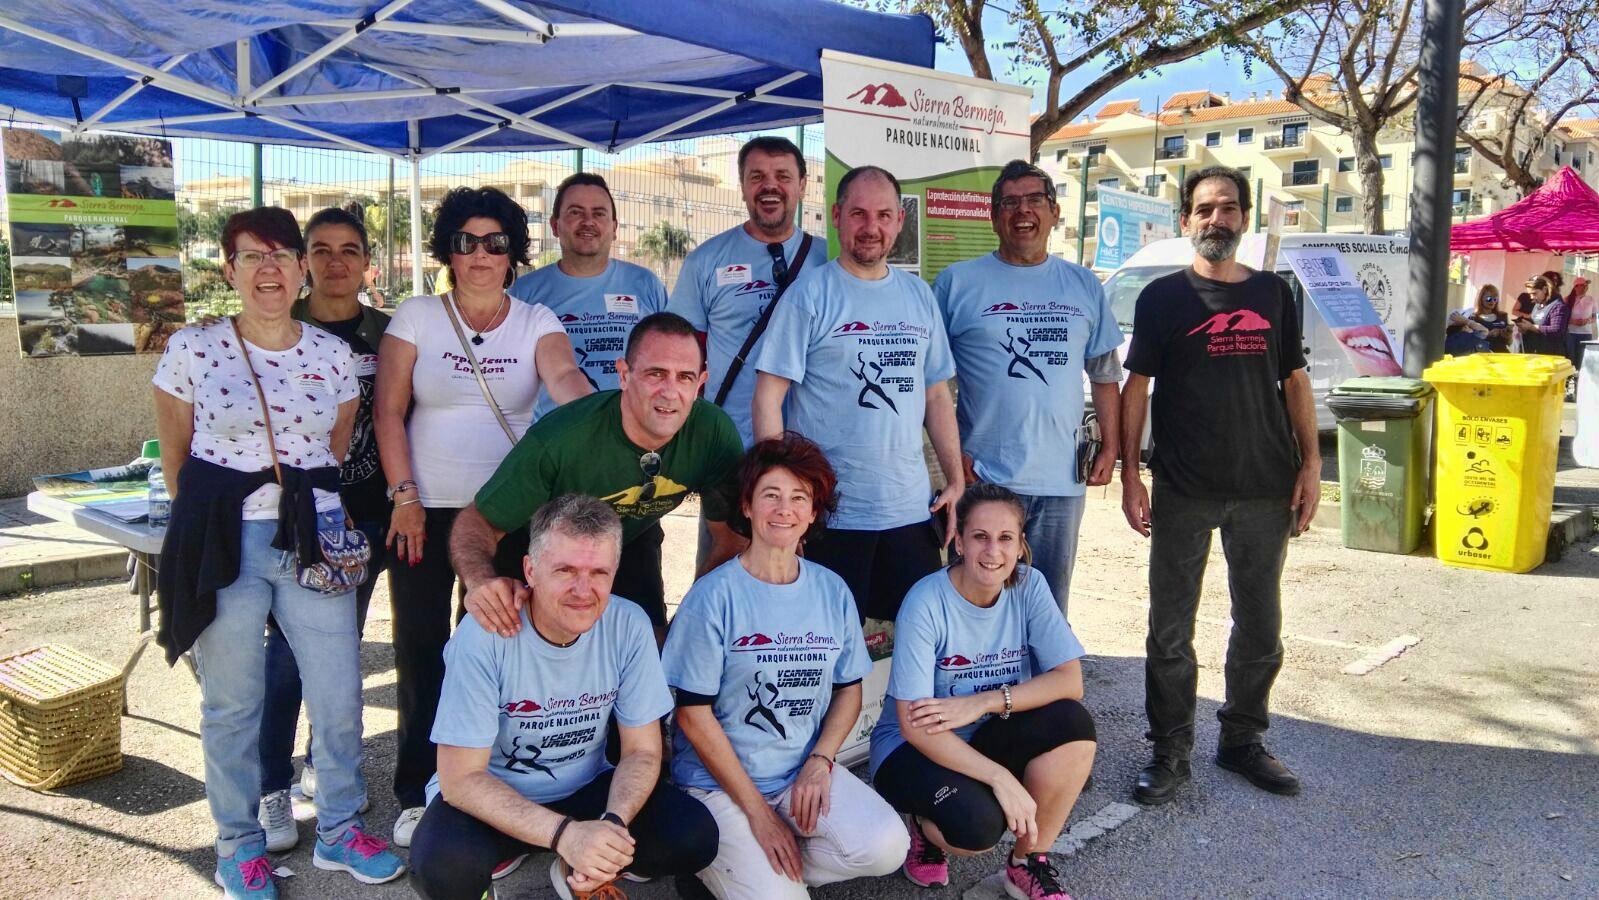 V Carrera Urbana Estepona 2017